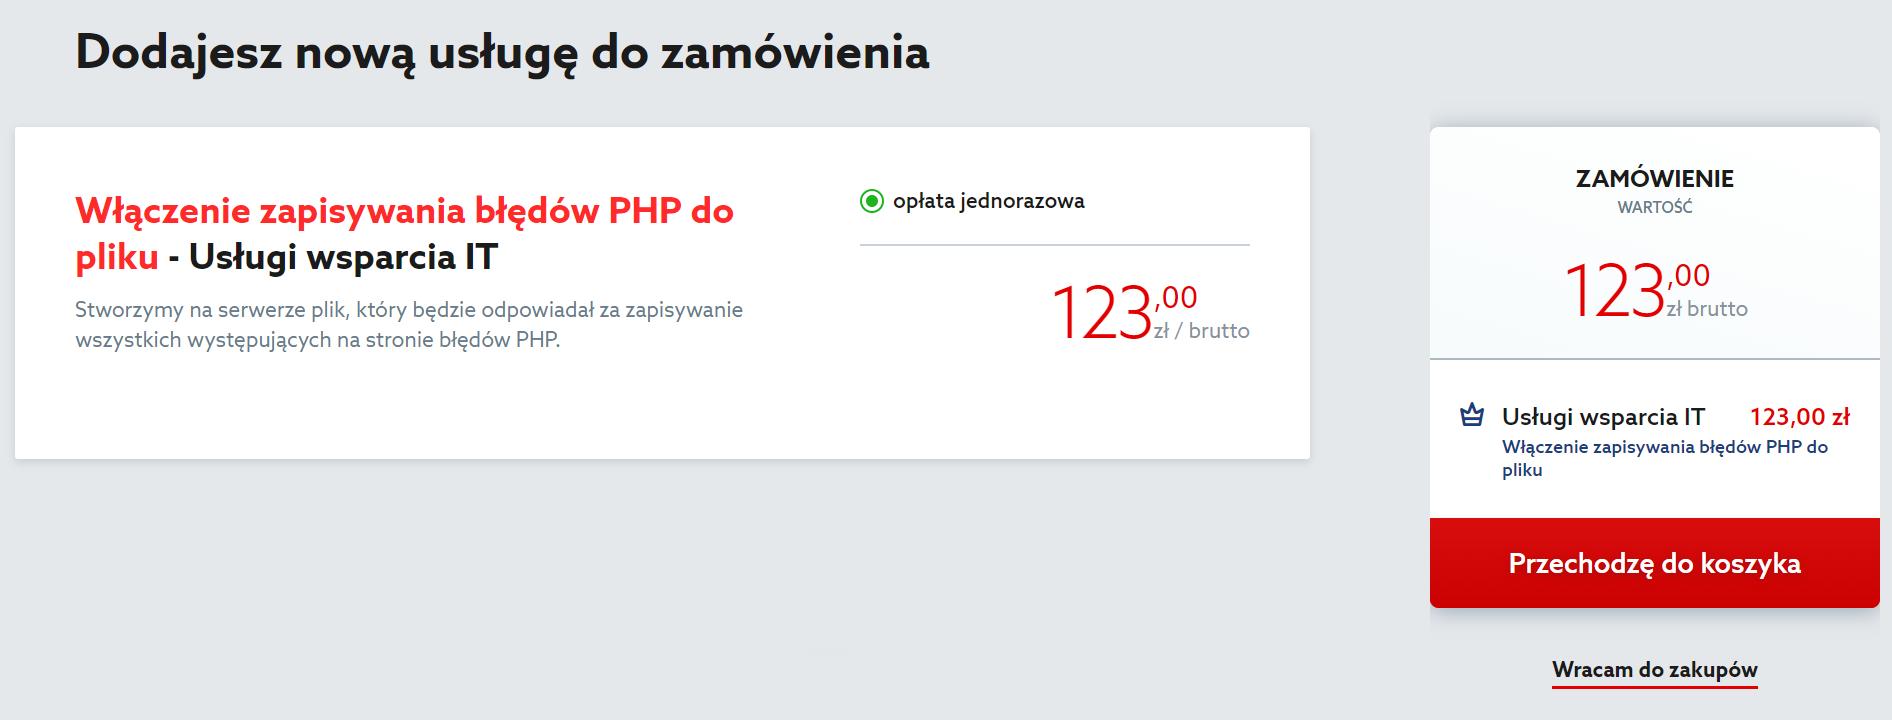 Aby zakupić włączenie zapisywania błędów PHP do pliku, kliknij przycisk: Przechodzę do koszyka.